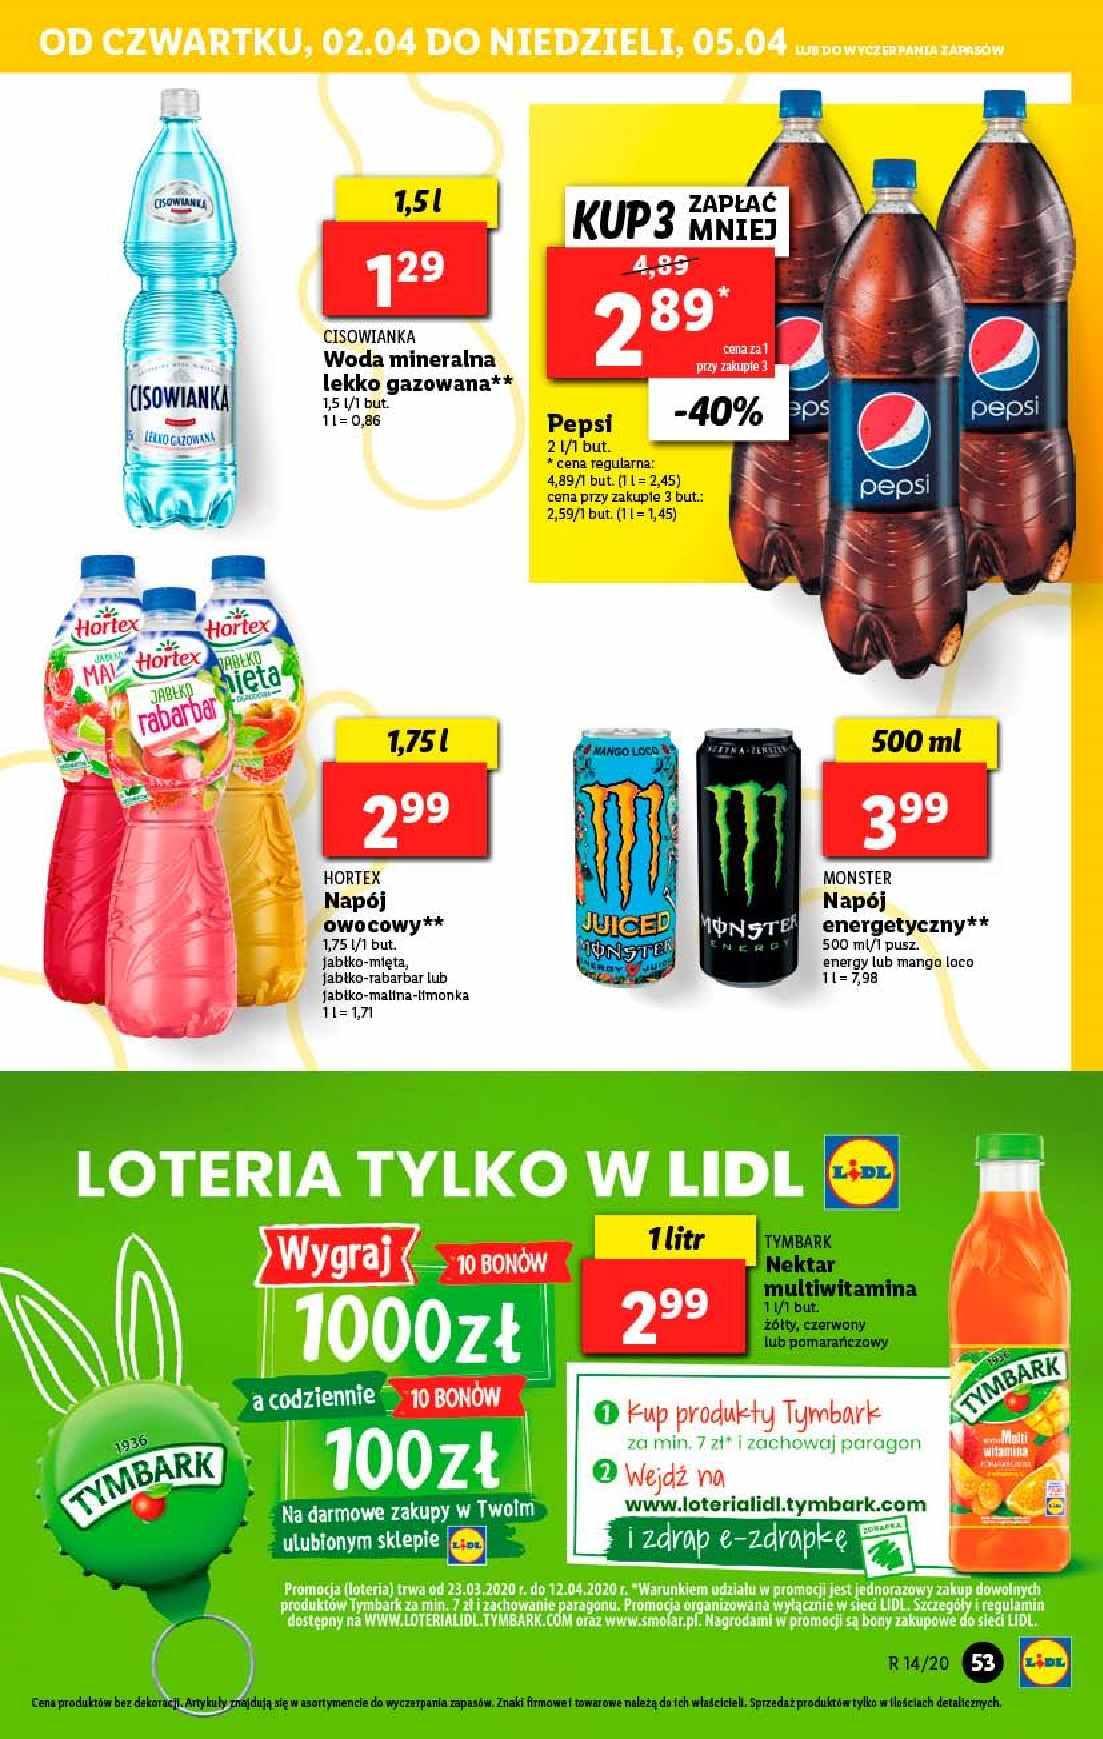 Gazetka promocyjna Lidl do 05/04/2020 str.53